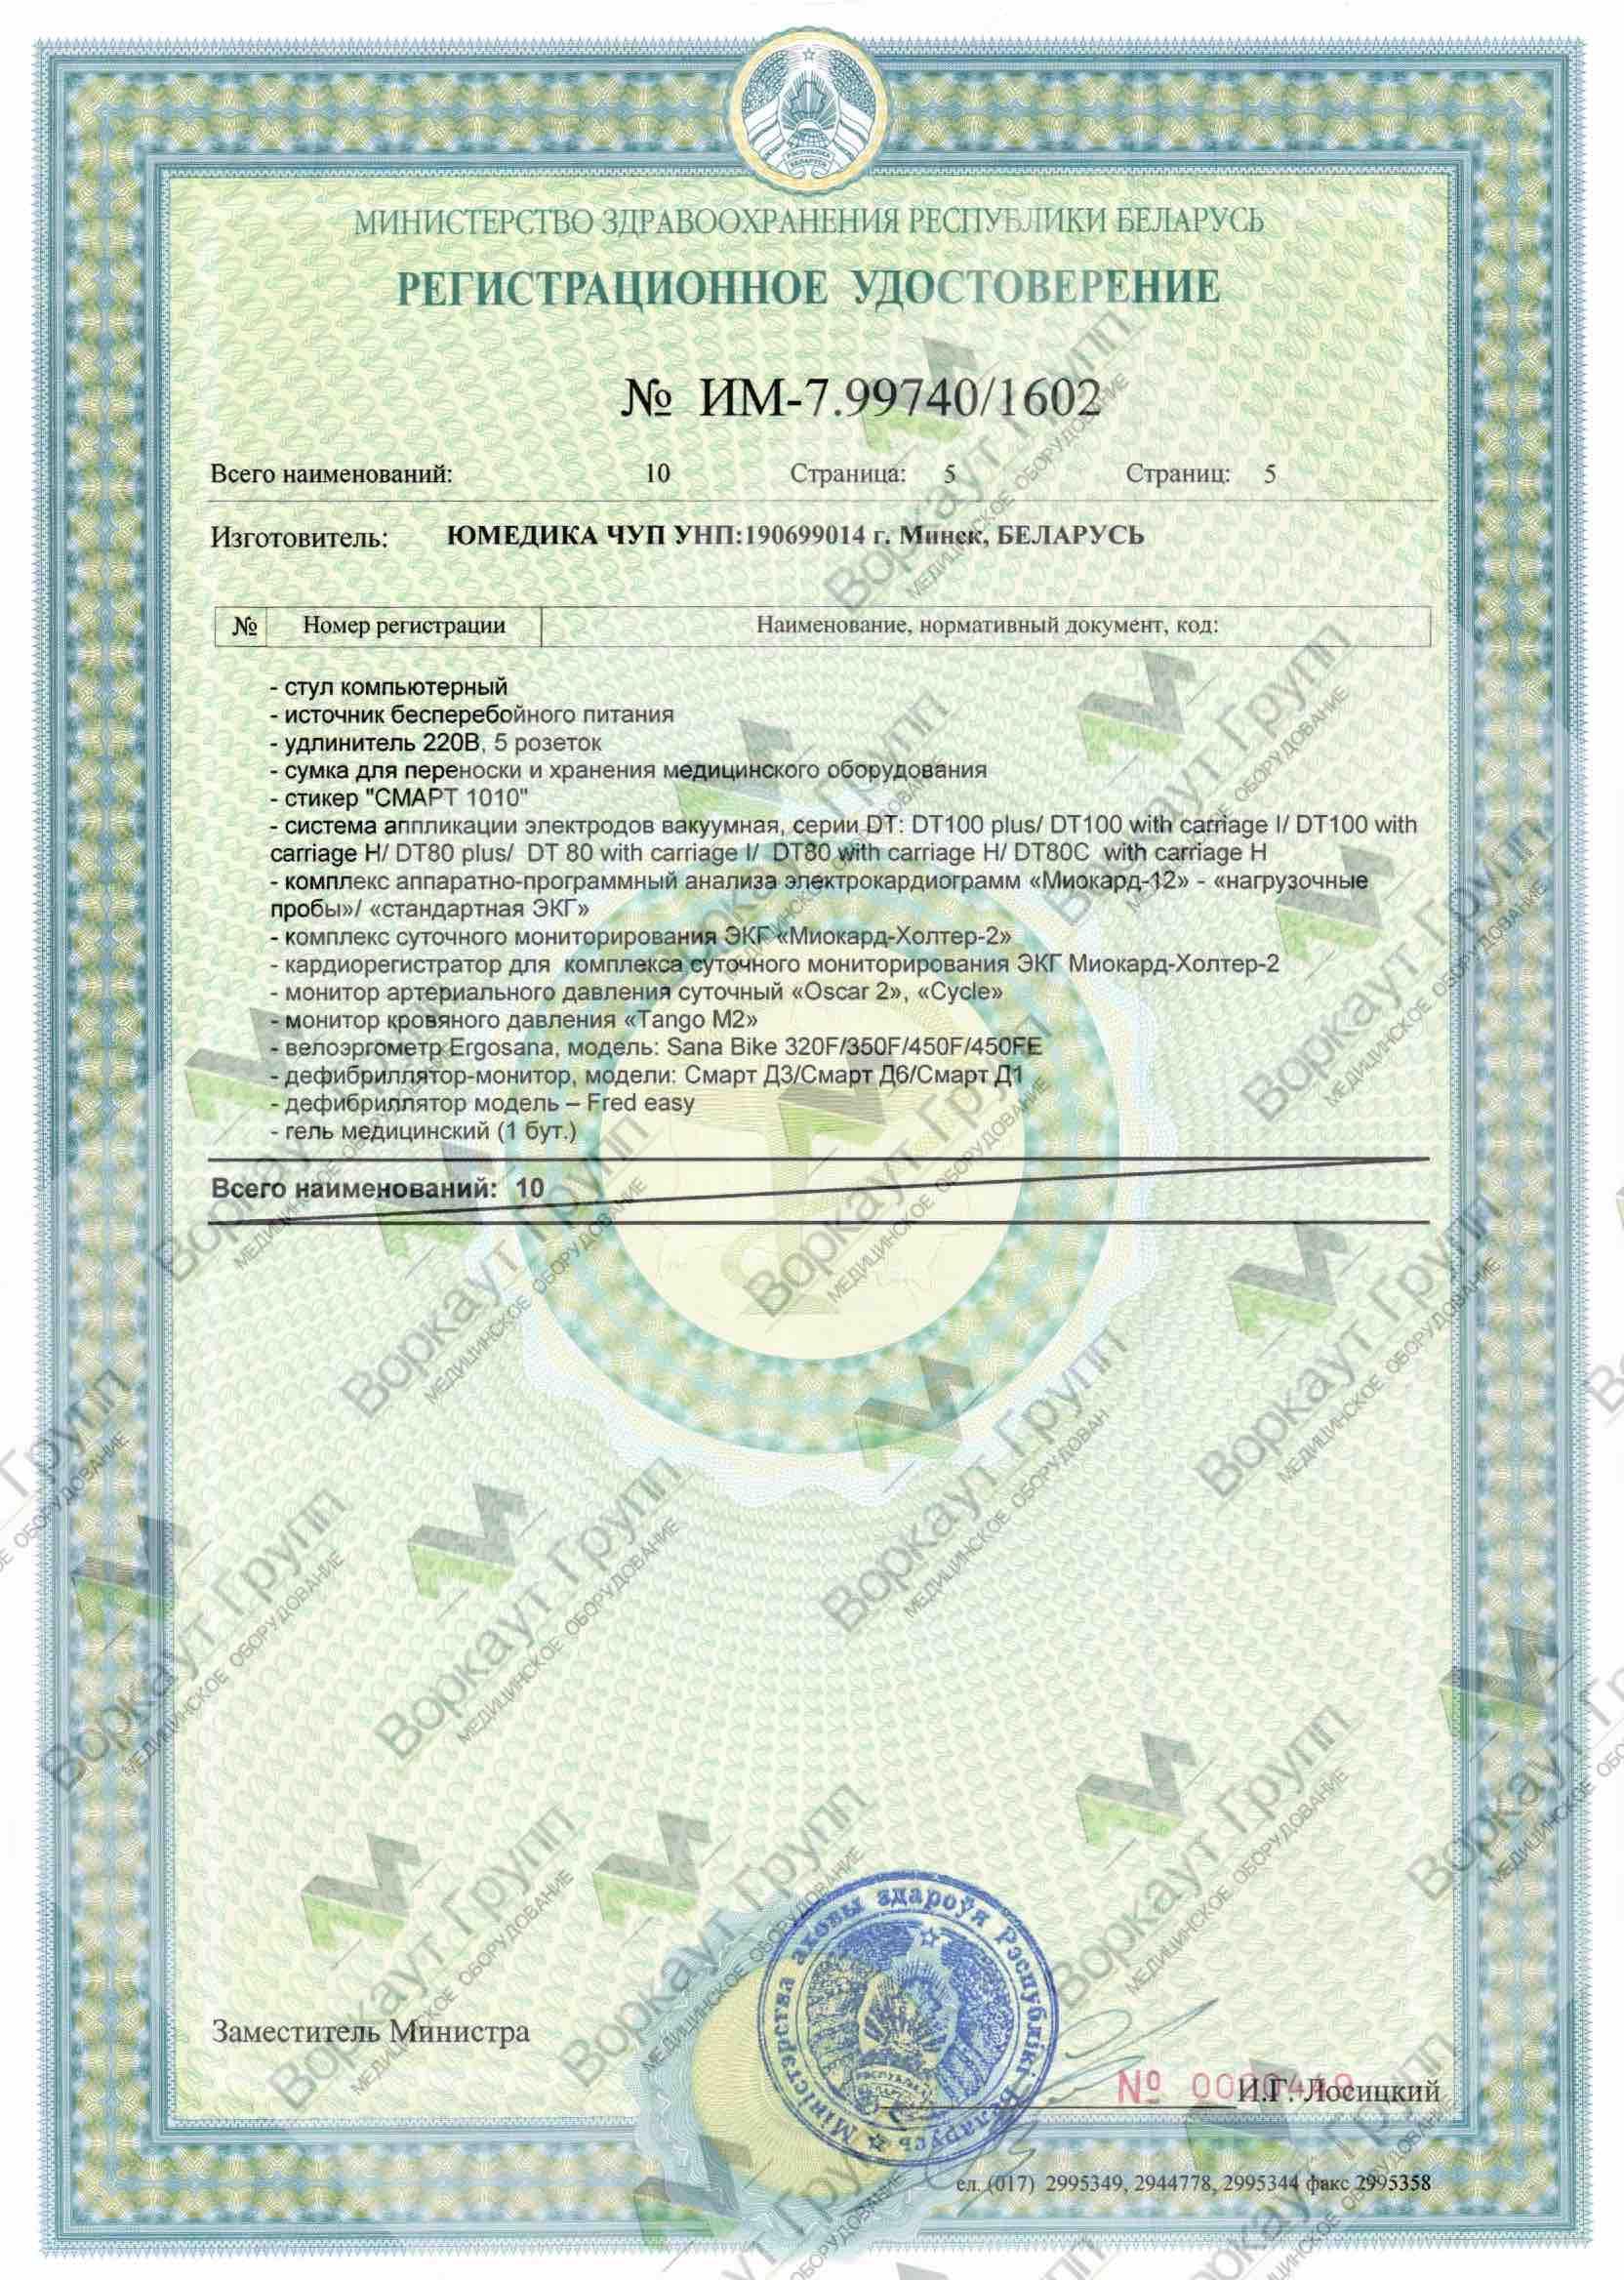 Кардиограф 6-ти канальный купить Минск